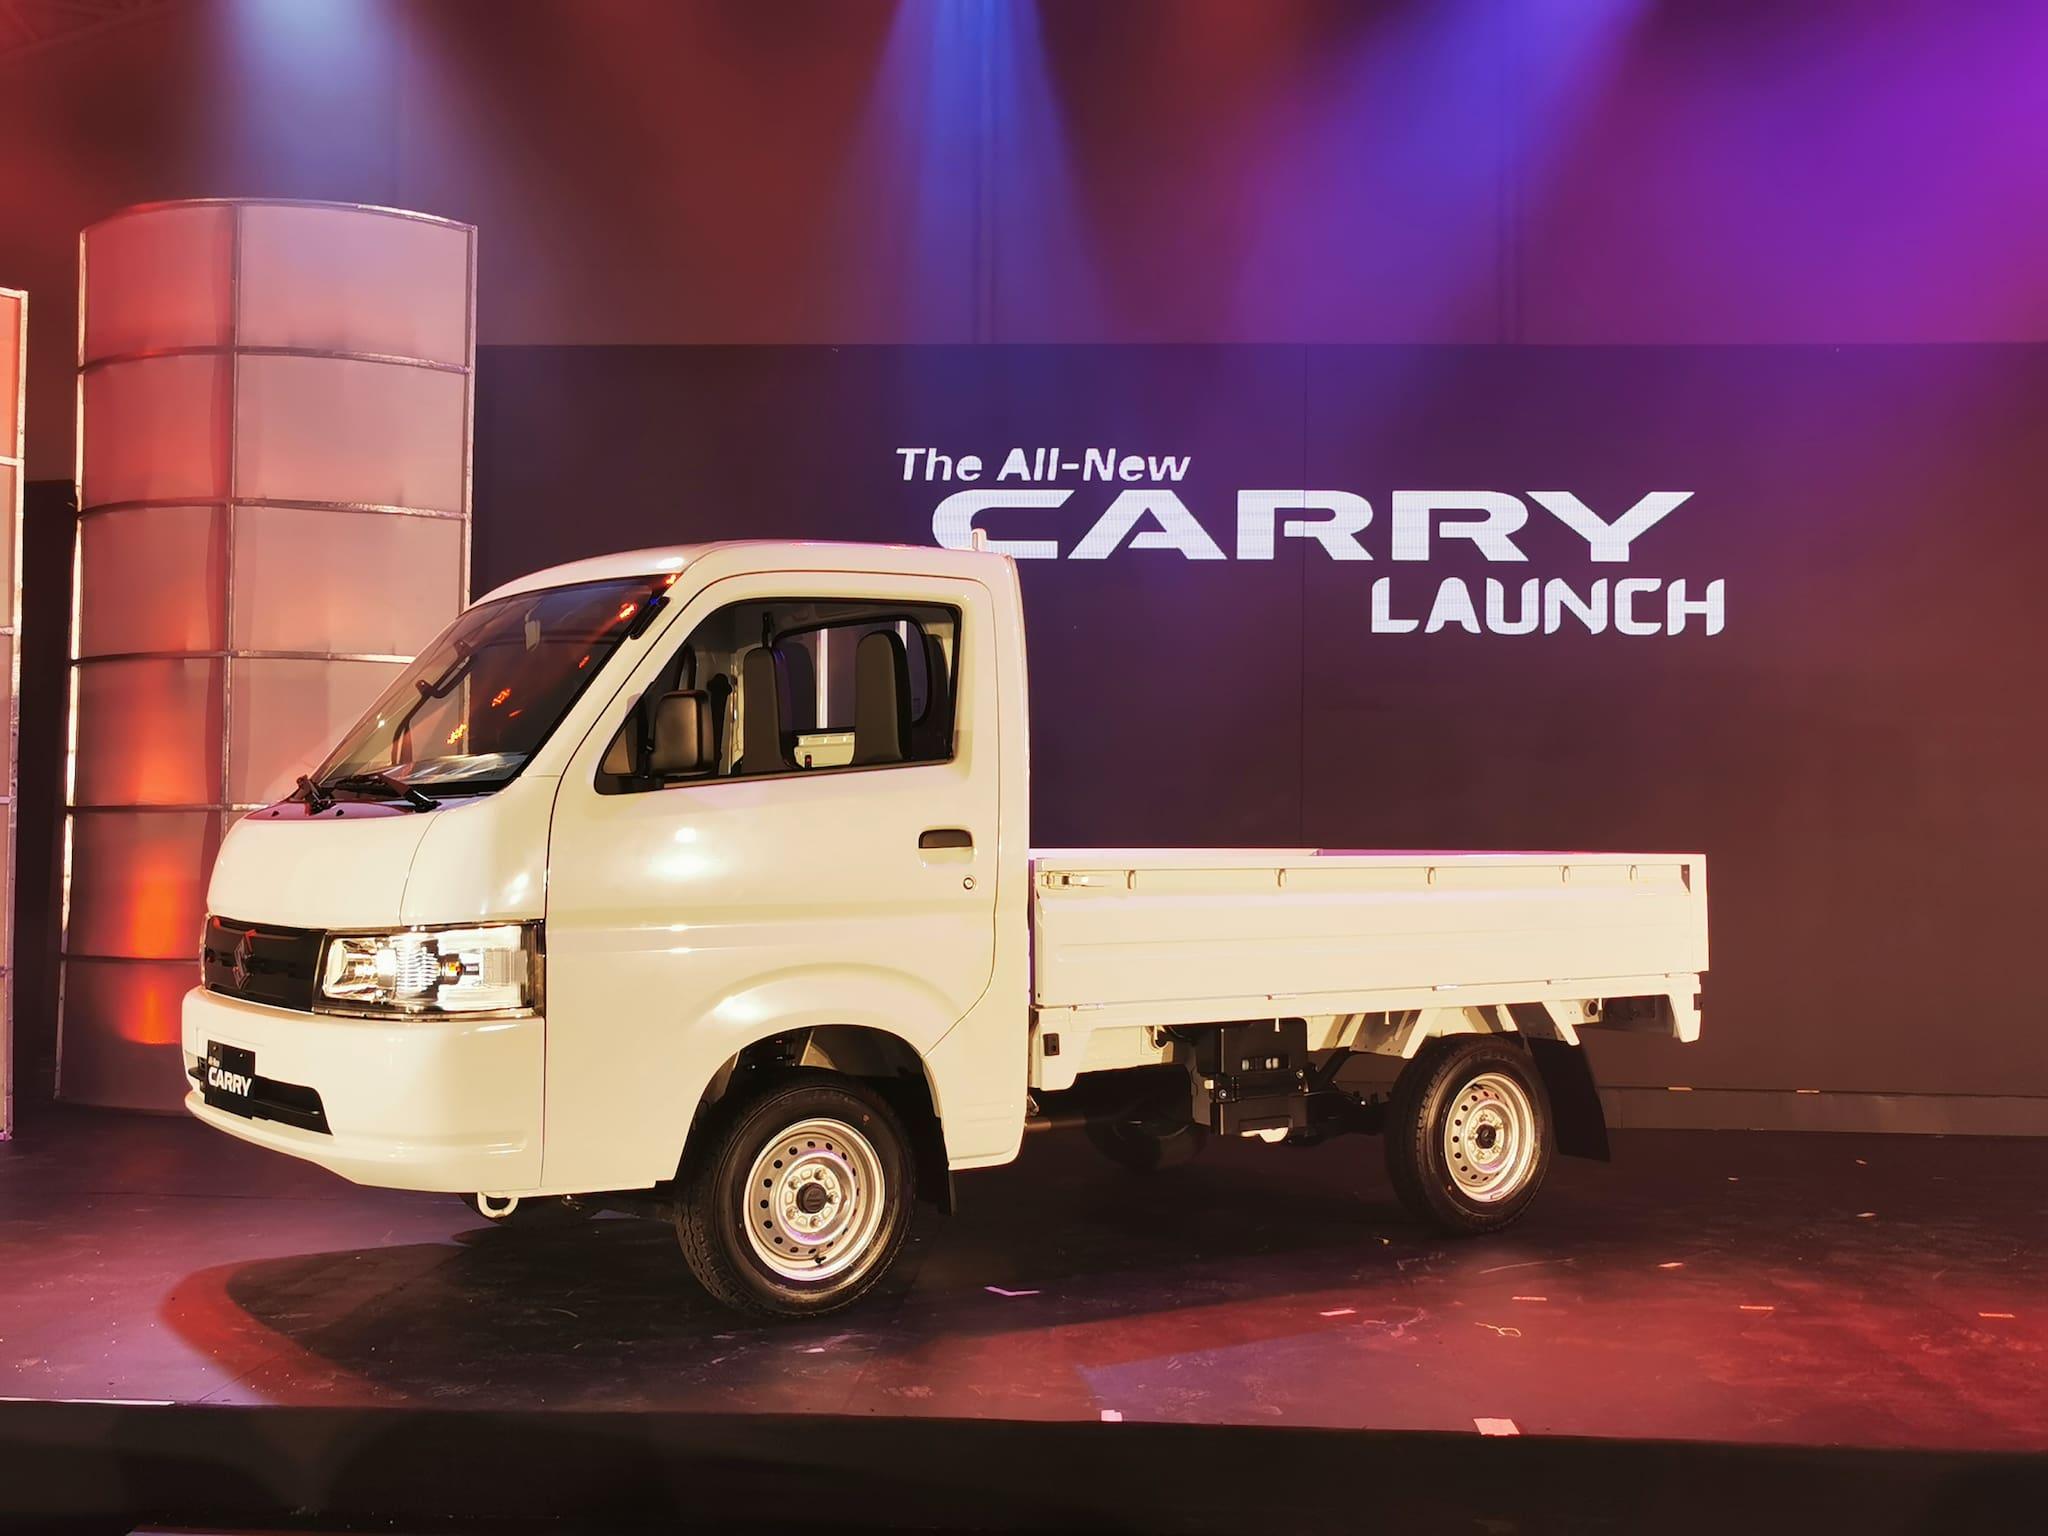 Suzuki PH Brings In All-New Suzuki Carry